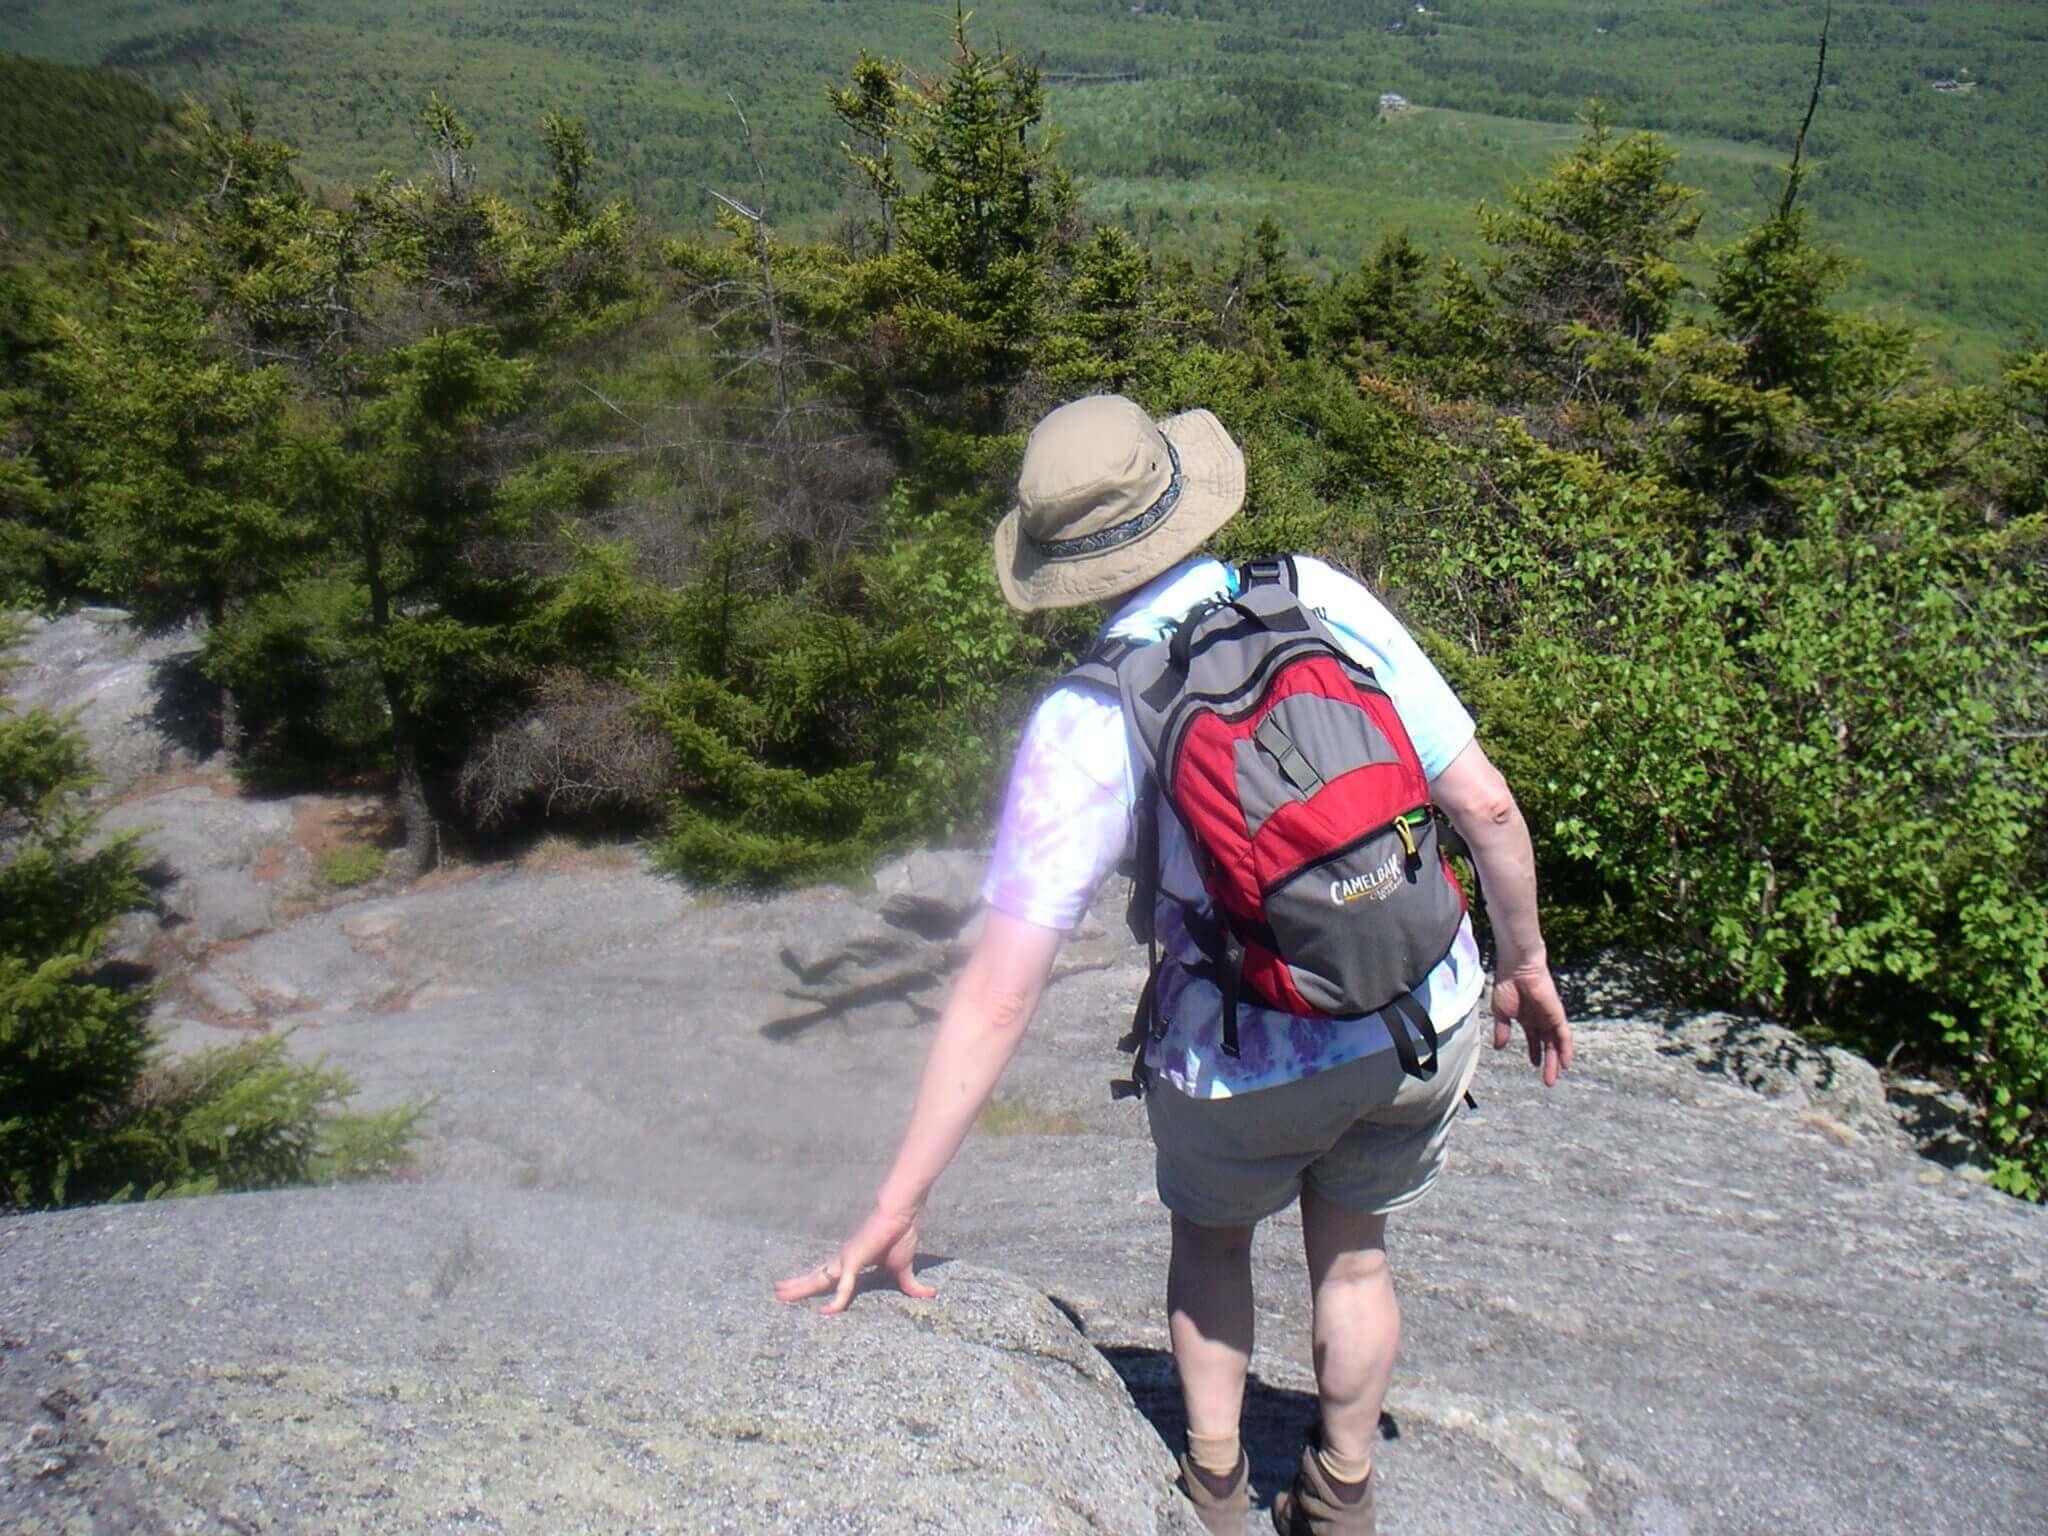 descending the mountain